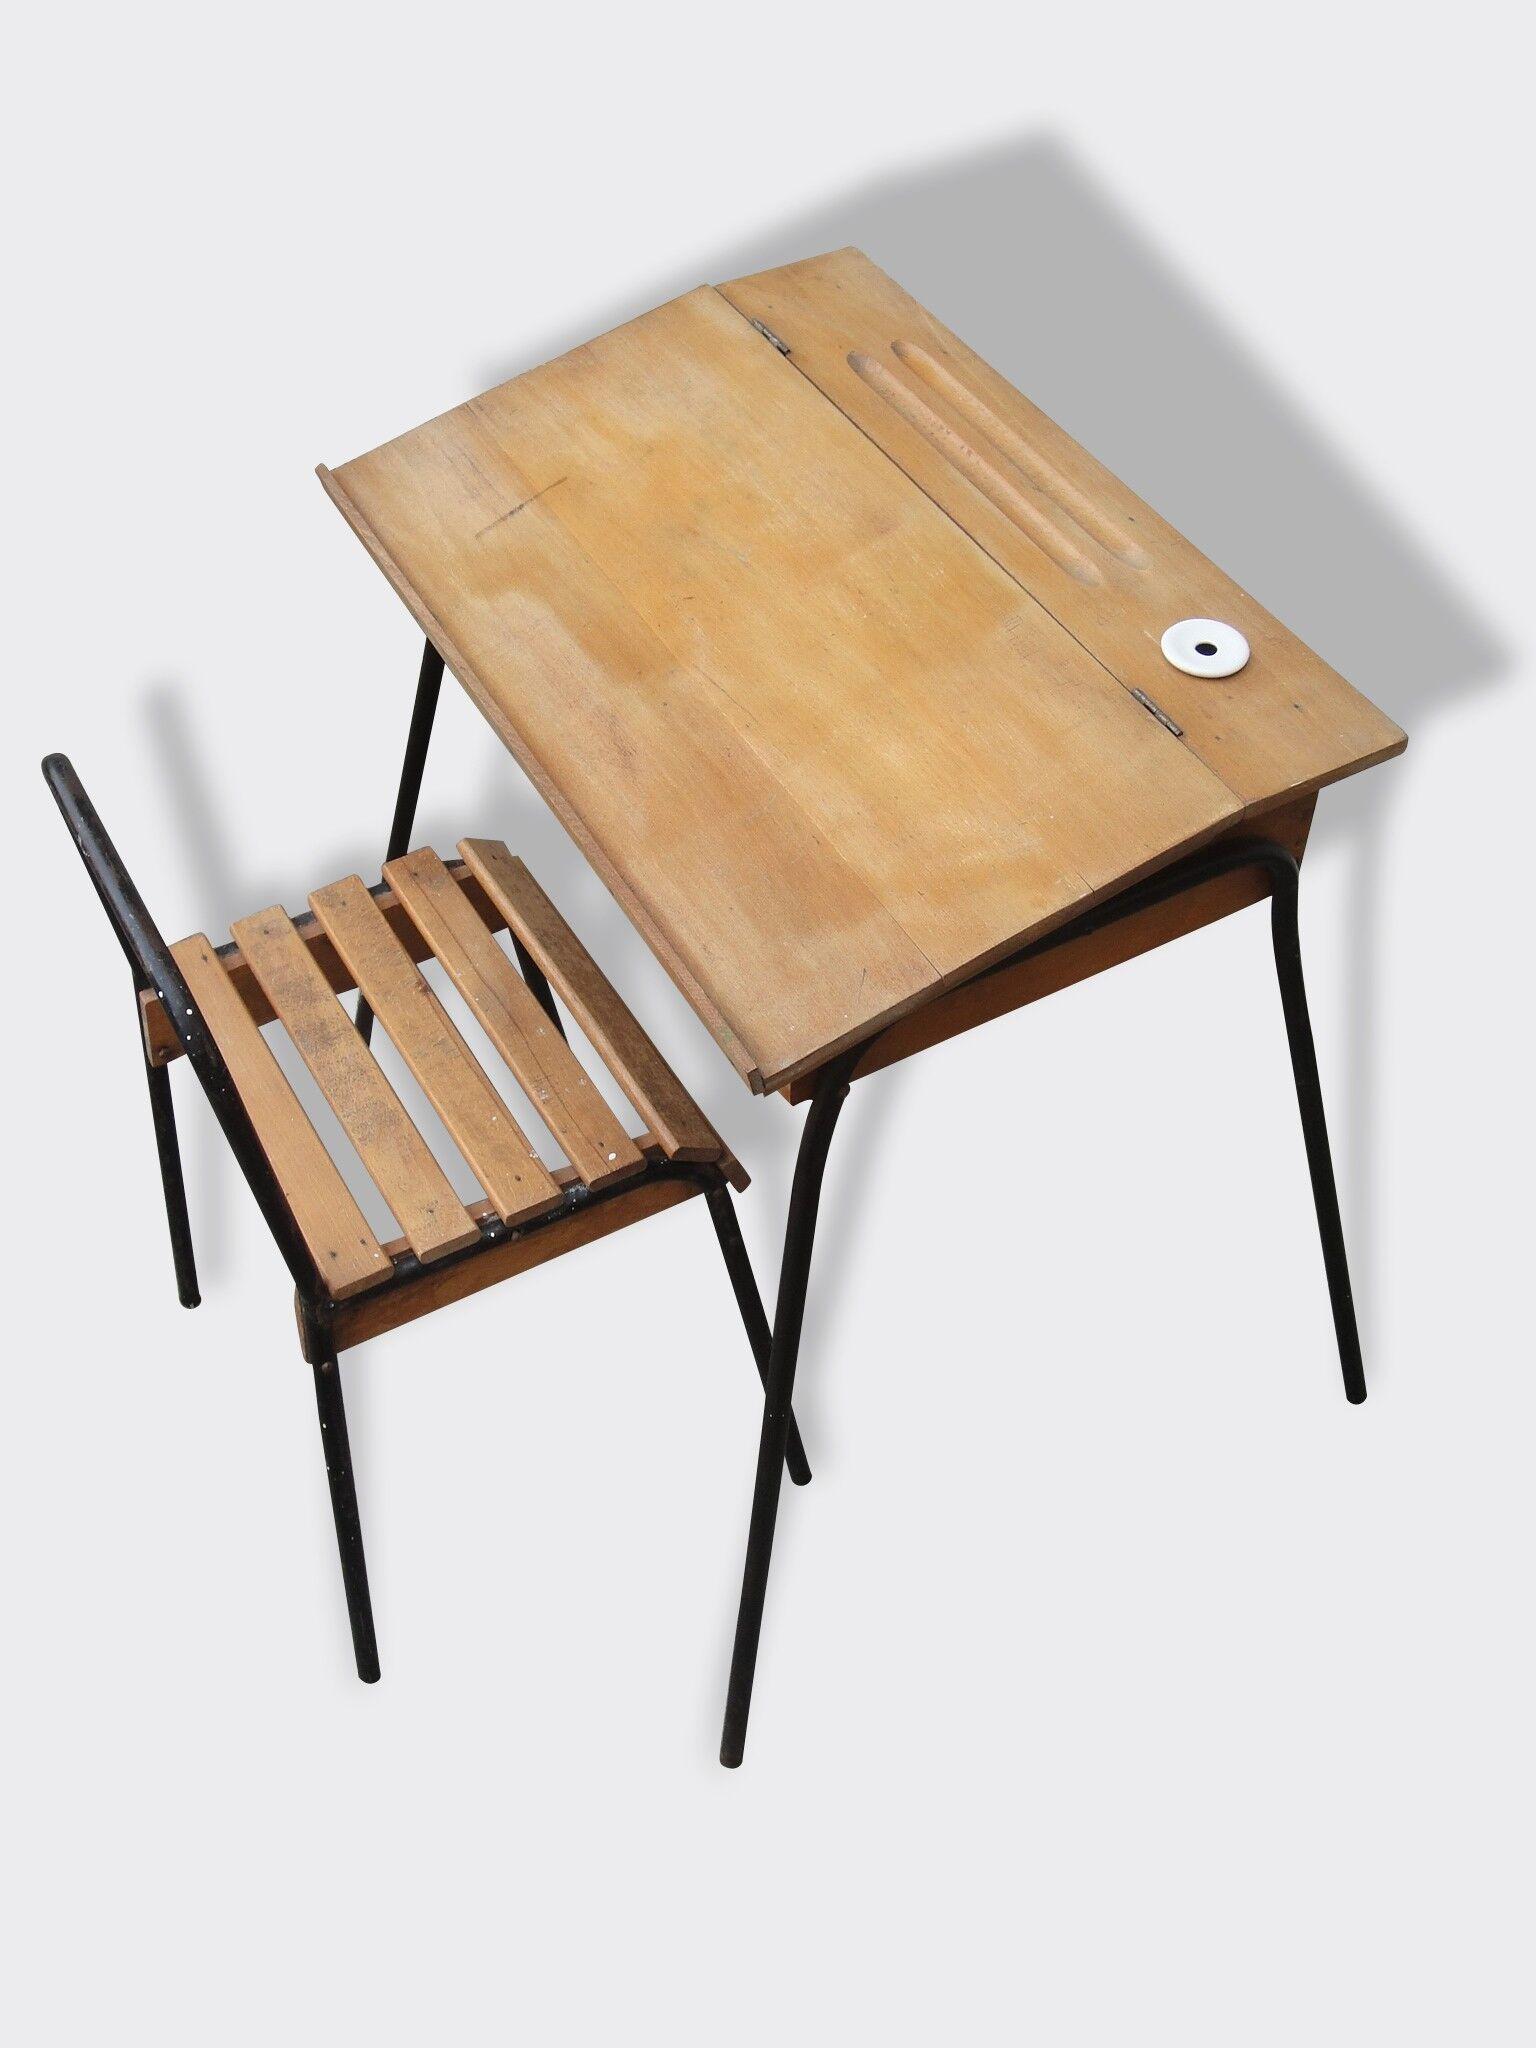 Bureau pupitre écolier bois massif avec sa chaise pied métal